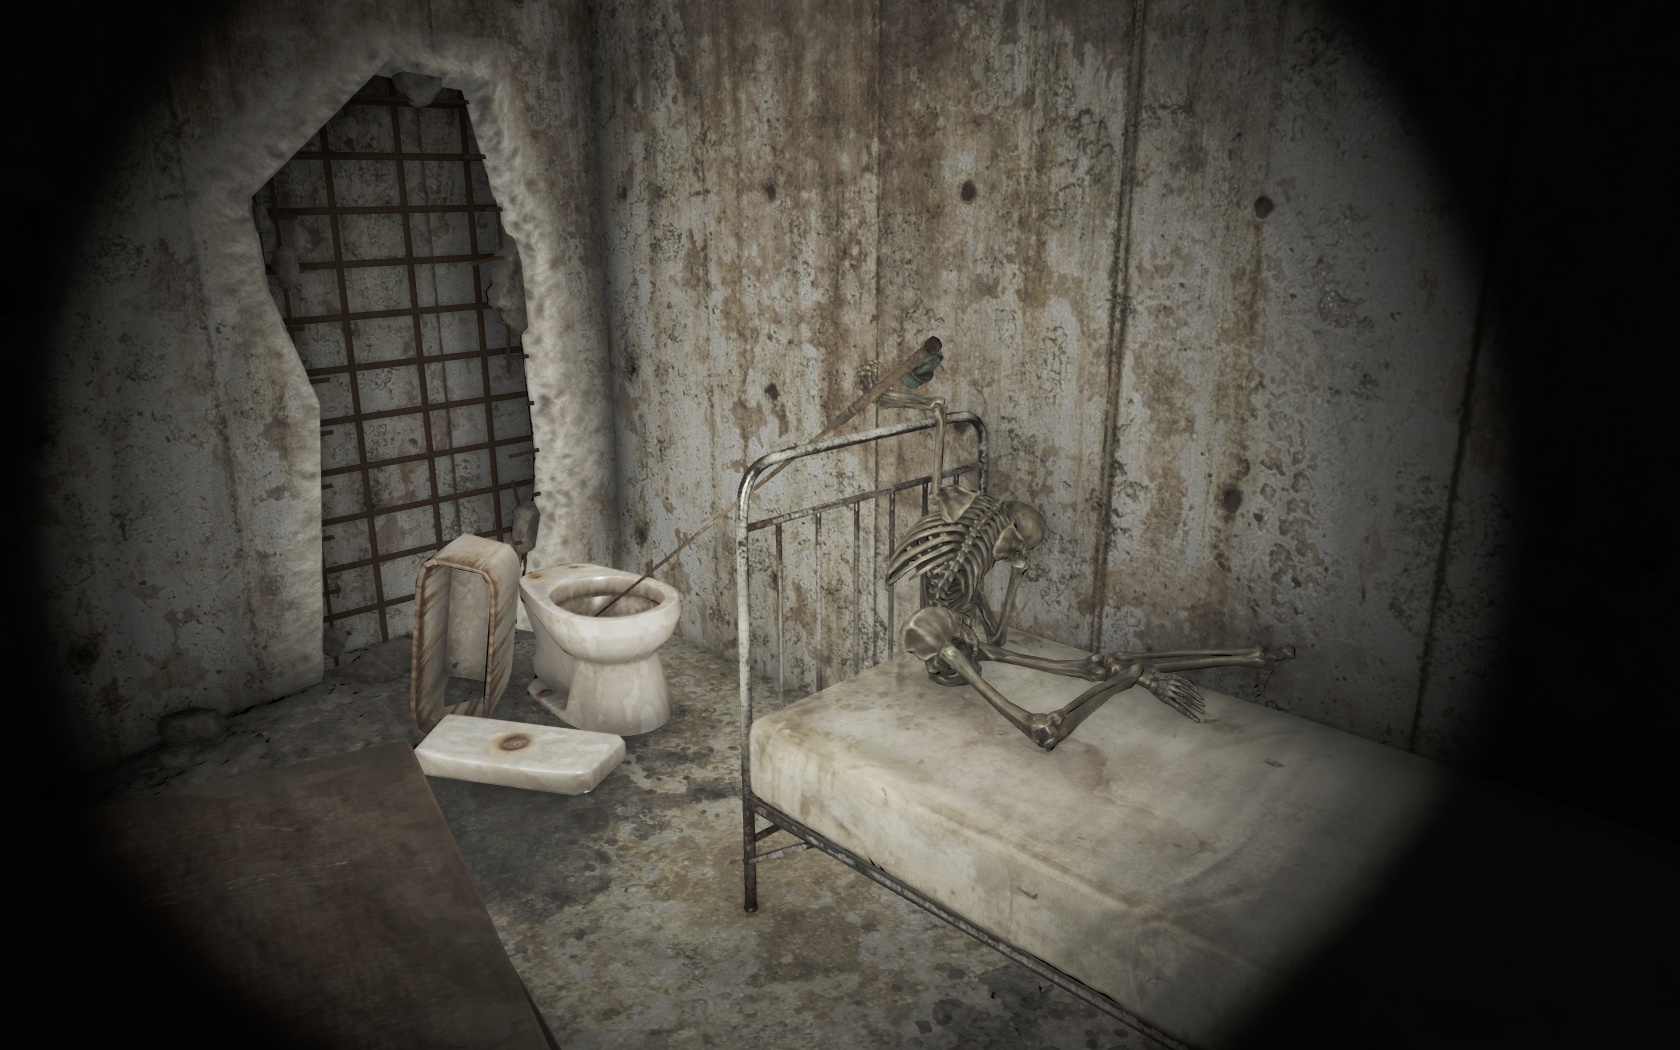 Рыбалка (Психиатрическая больница Парсонс) - Fallout 4 больница, Парсонс, Психиатрическая больница Парсонс, скелет